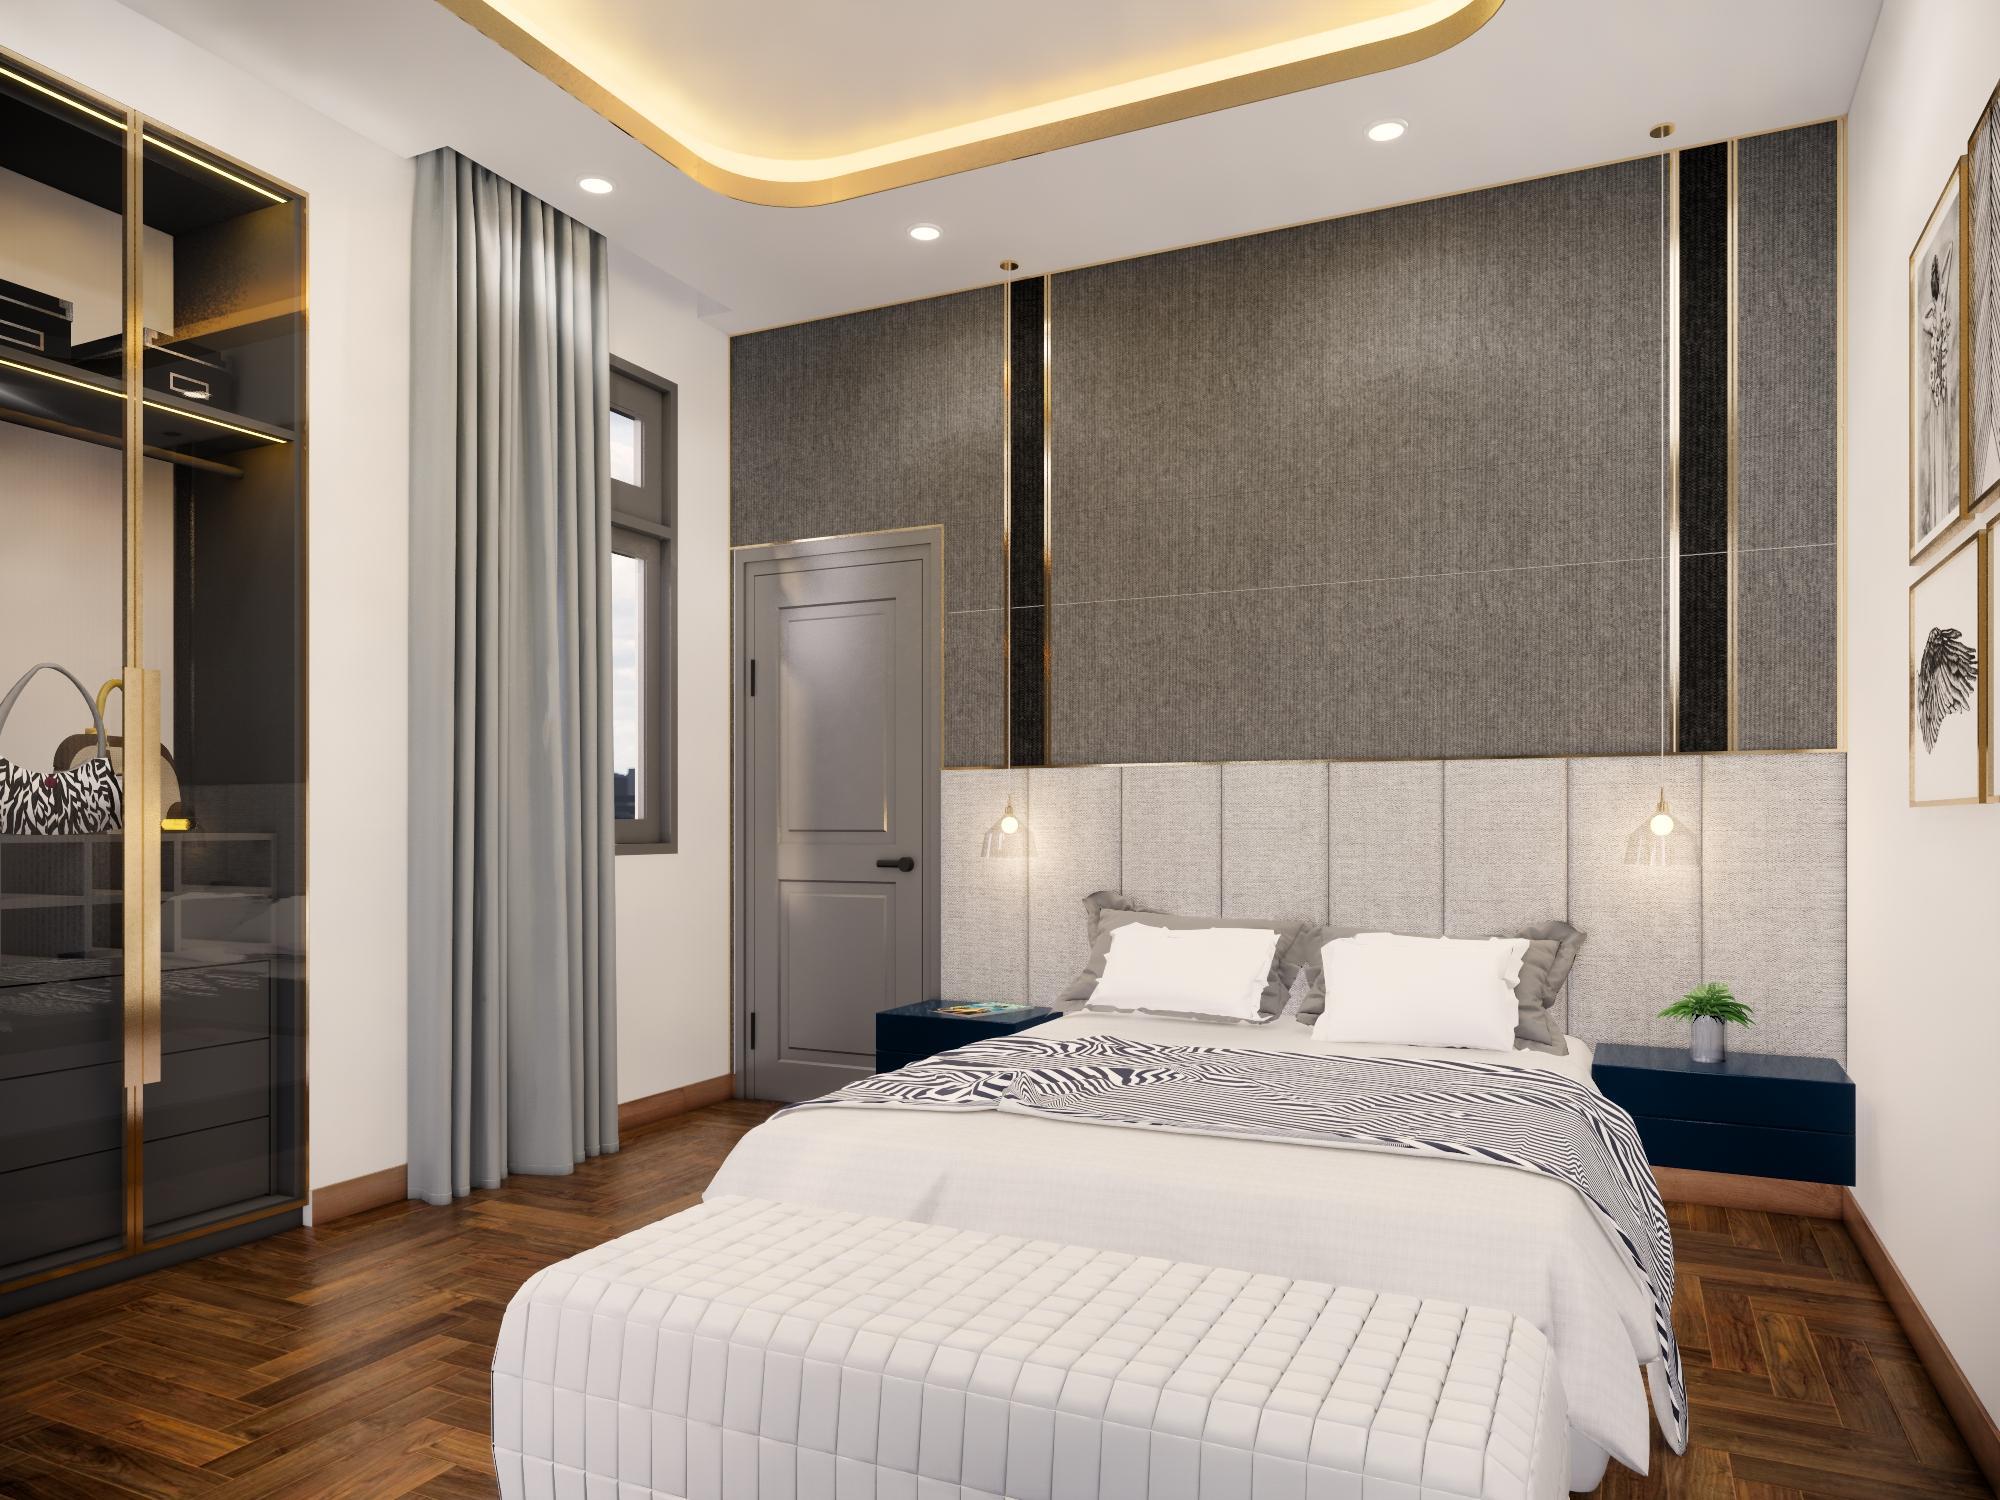 Thiết kế nội thất Nhà tại Bình Thuận NHÀ PHỐ I TRẦN THỊ PHƯƠNG LAN 1574139985 14